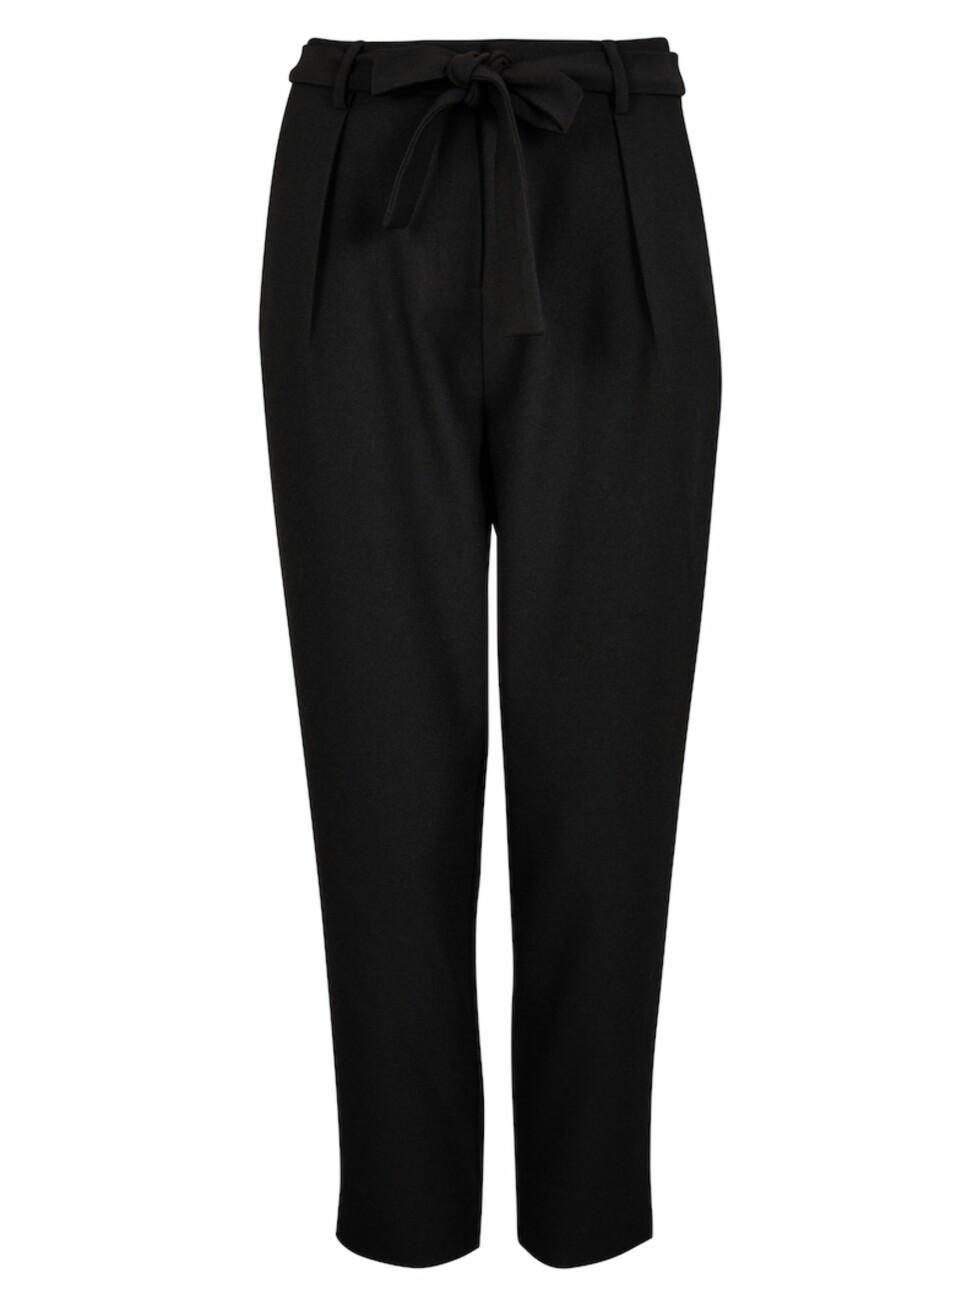 Bukse fra Cubus, kr 299. Foto: Produsenten